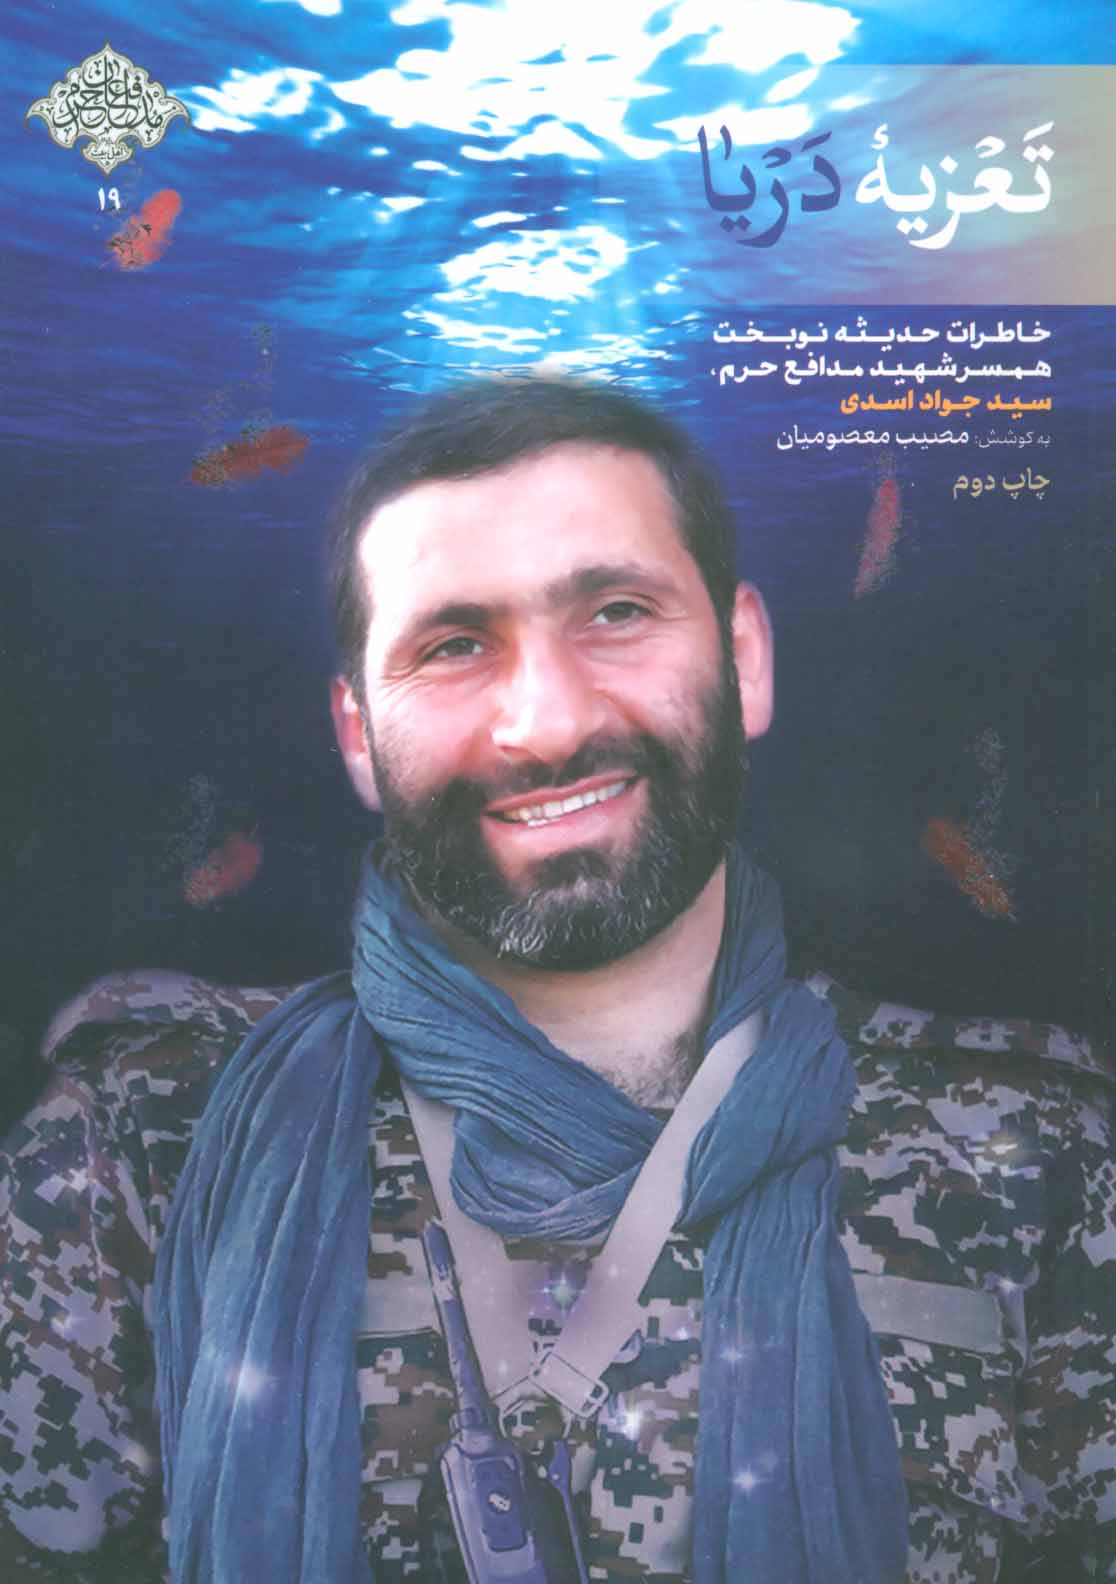 تعزیه دریا (خاطرات حدیثه نوبخت همسر شهید سیدجواد اسدی)،(مدافعان حرم19)